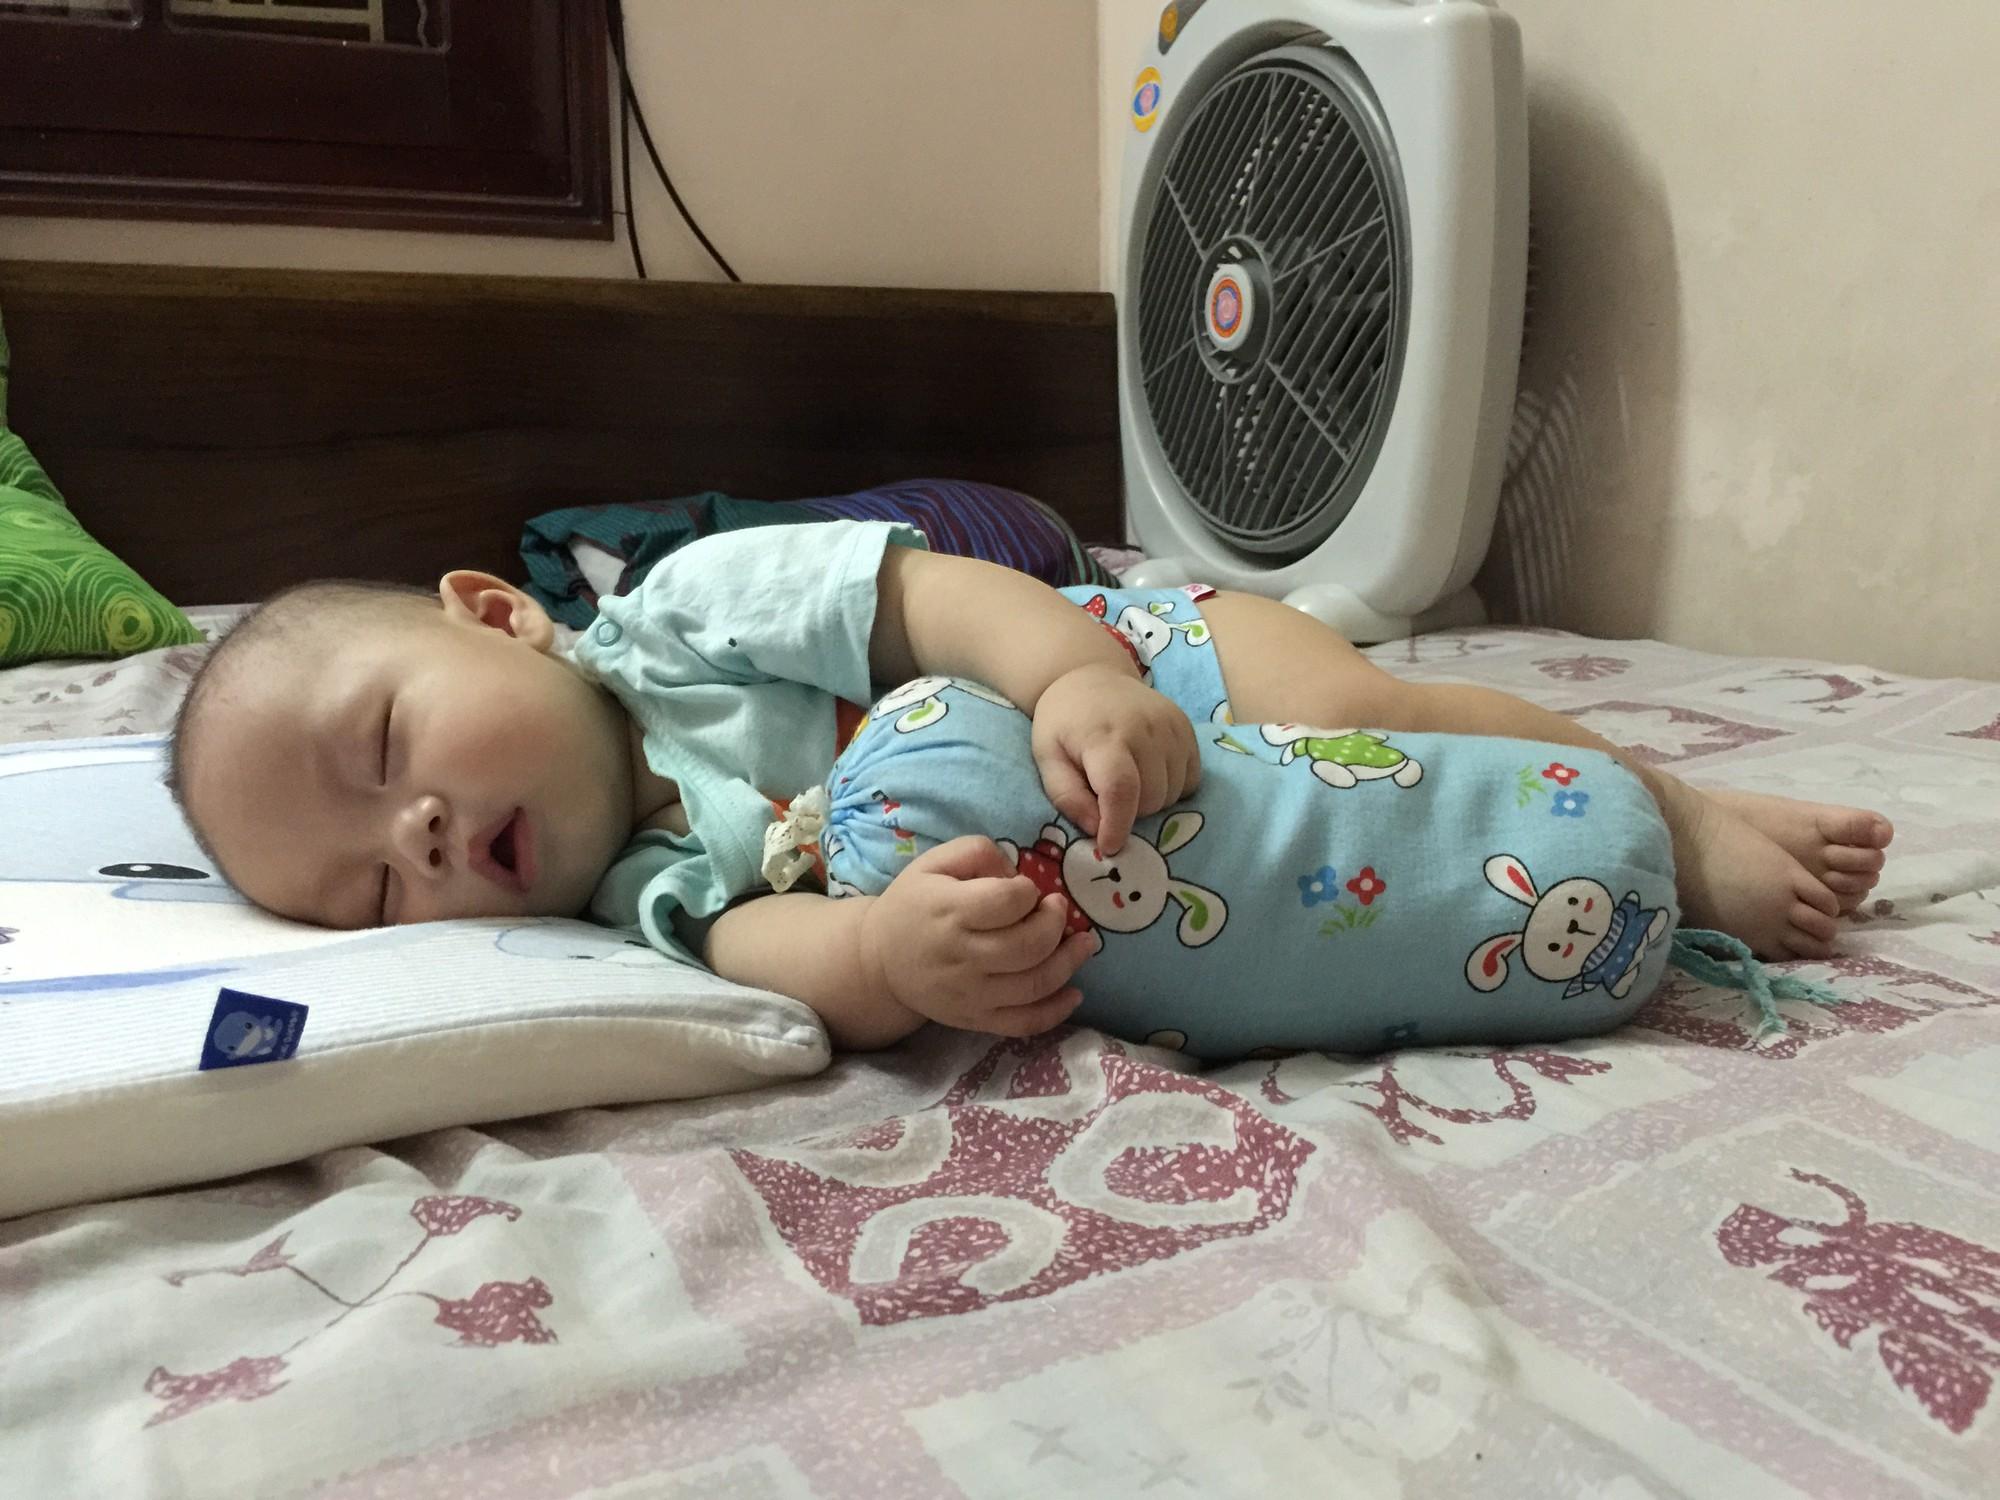 Luyện ngủ cho con từ khi mới lọt lòng, ông bố MC cùng con vi vu đi du lịch và cho bé ngủ bất kỳ đâu cũng được - Ảnh 8.